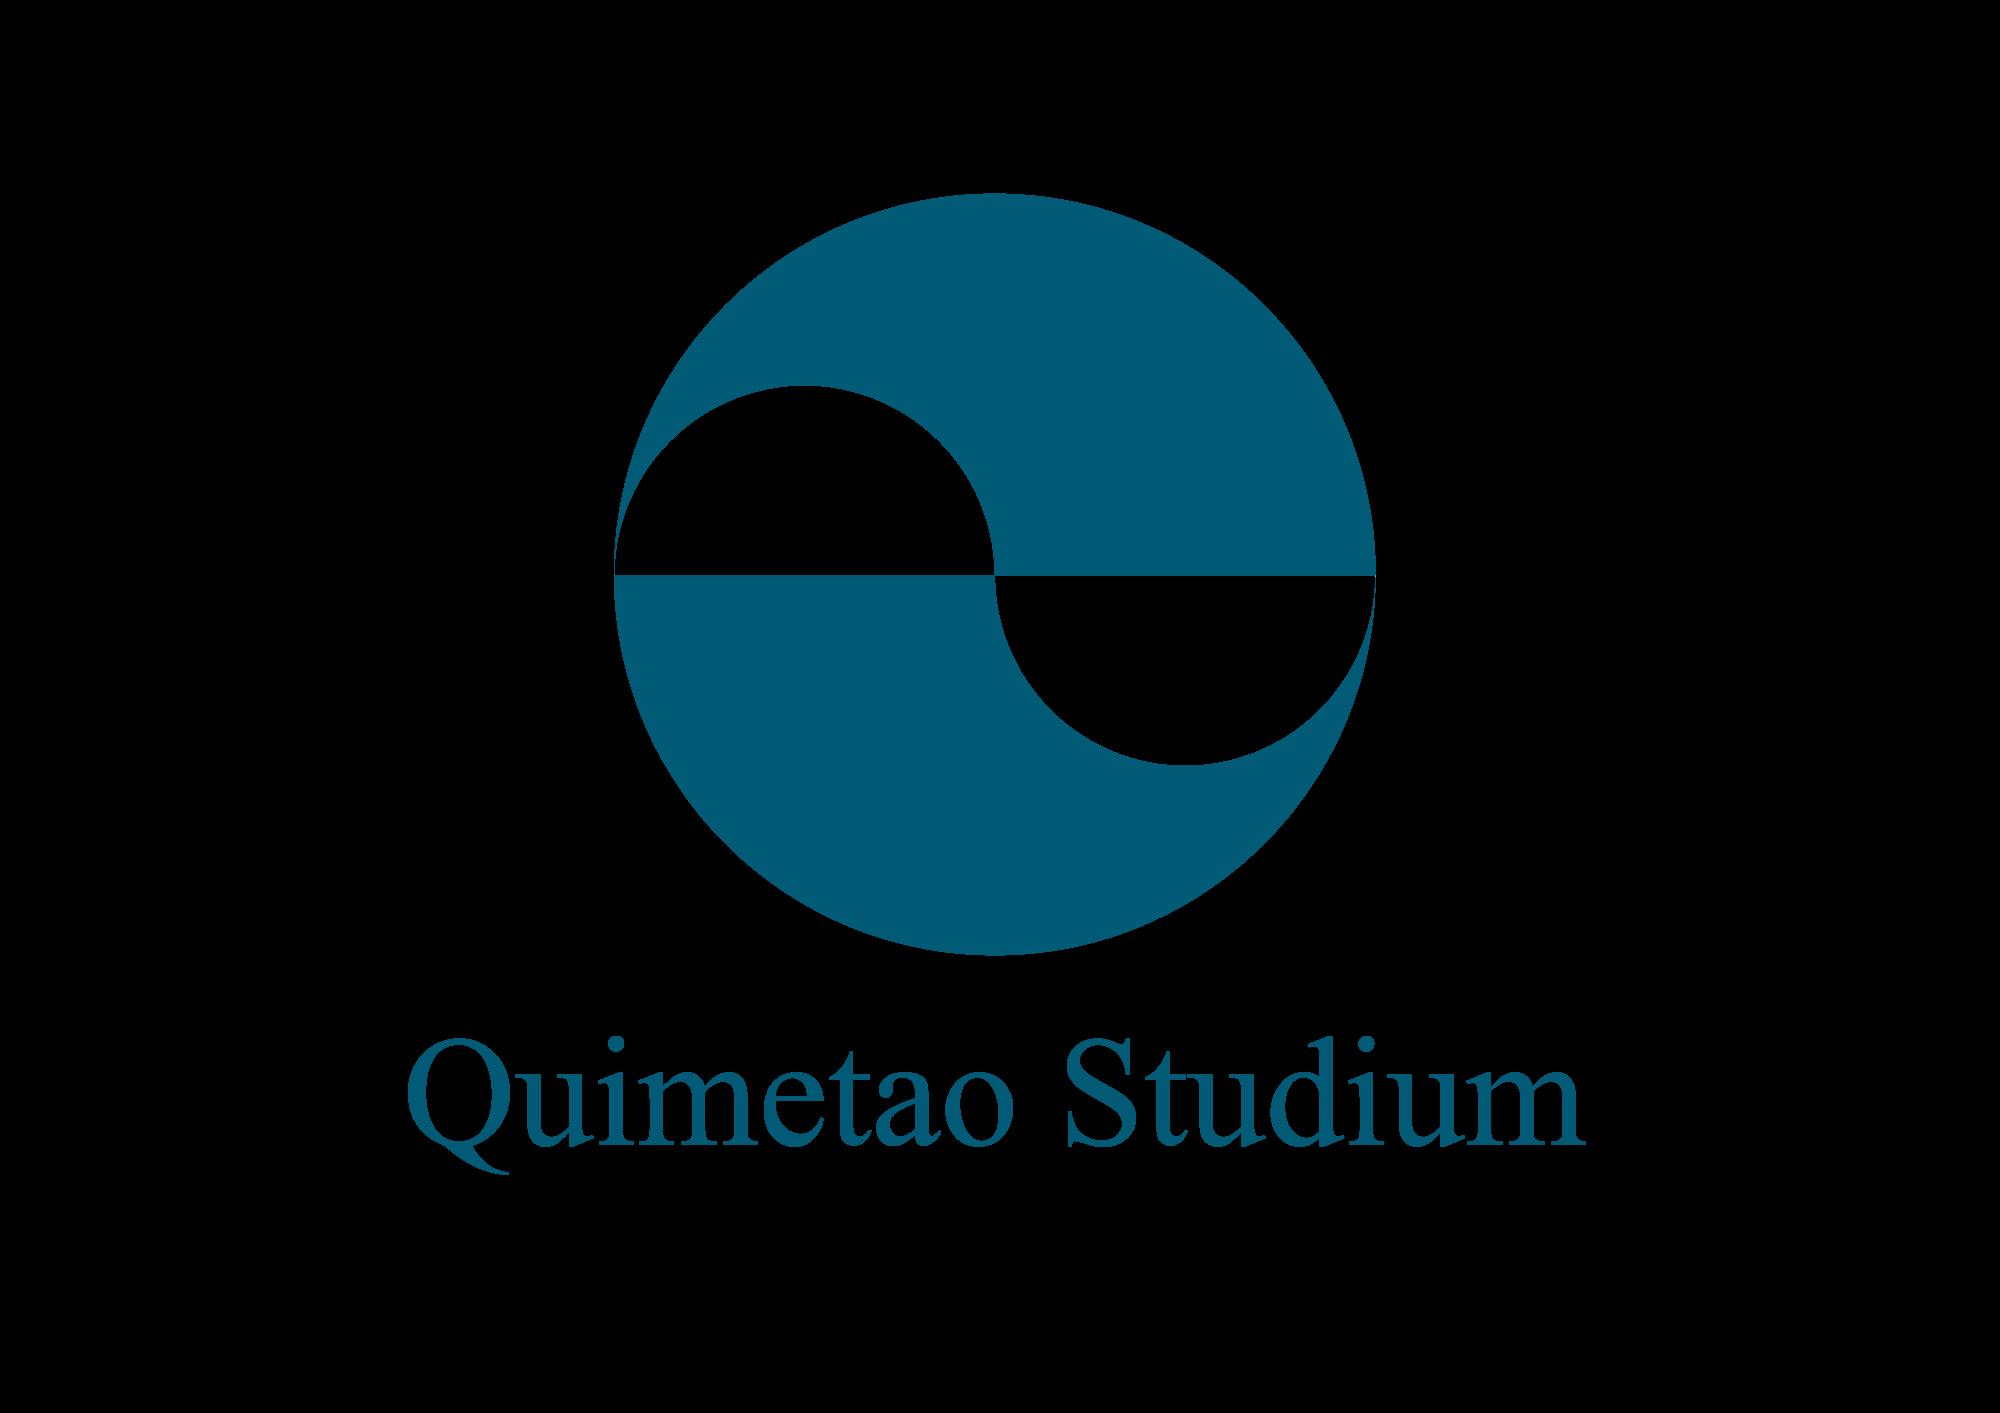 Quimetao Studium